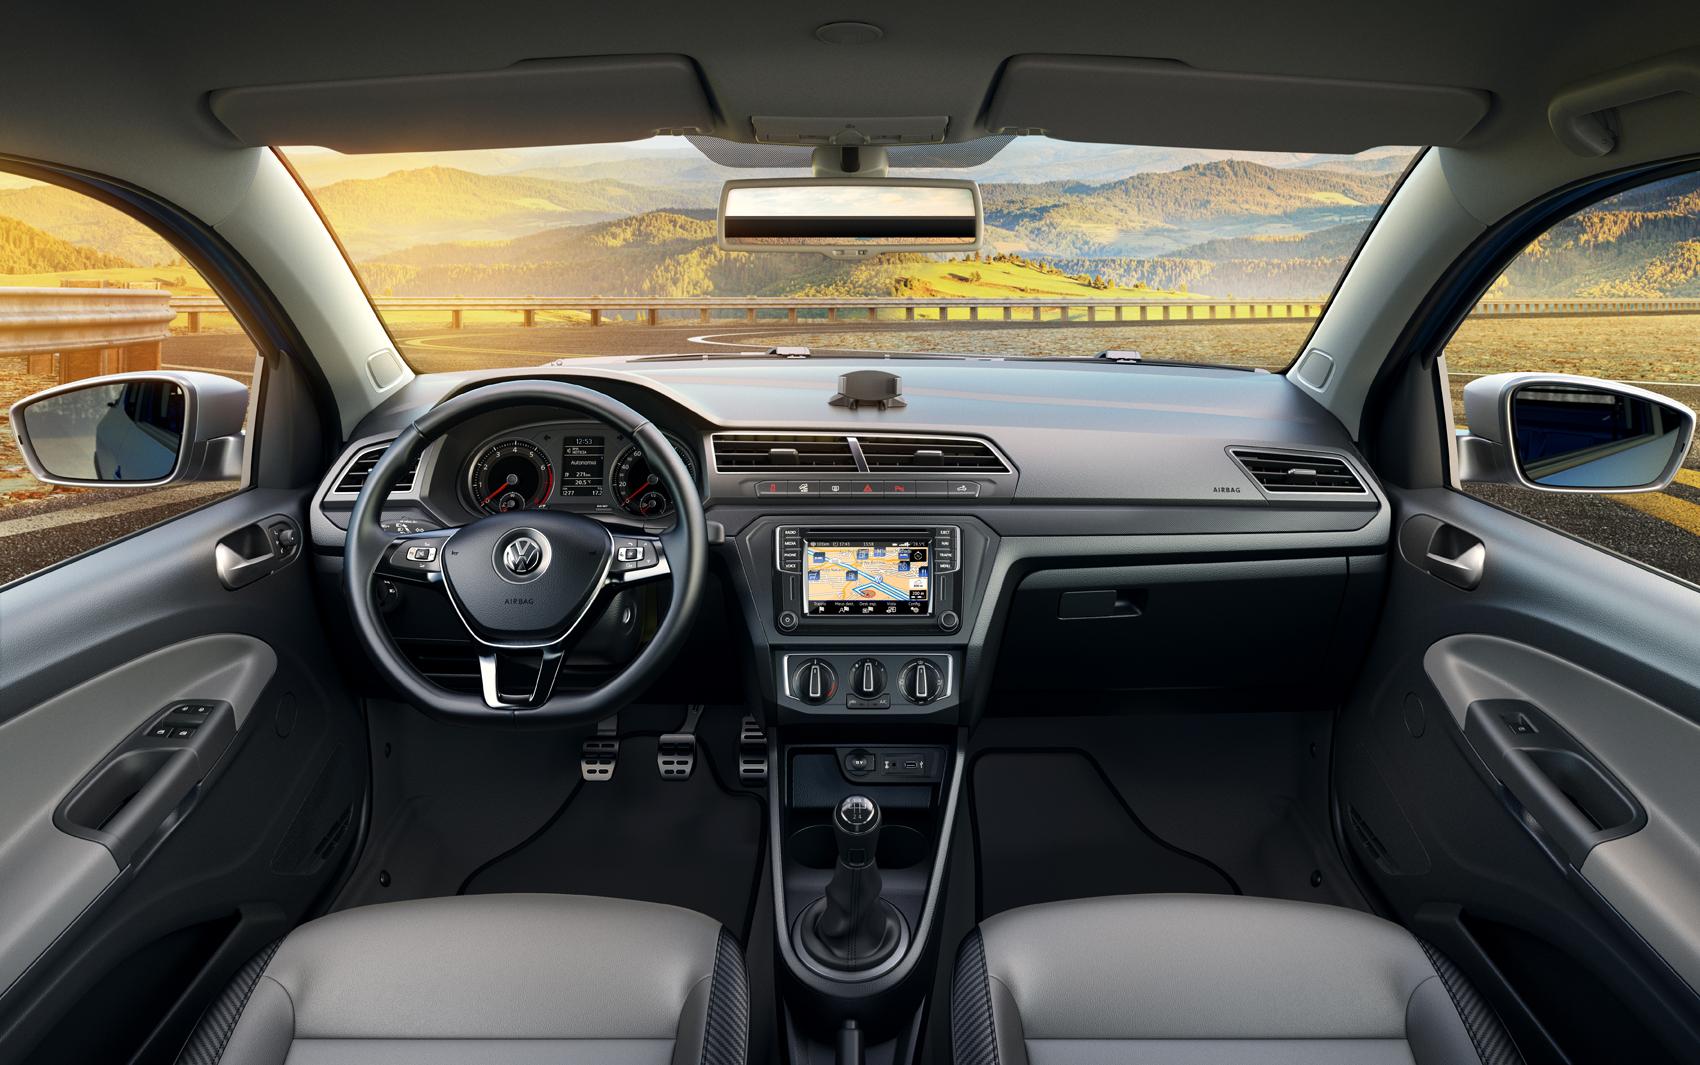 Volkswagen Saveiro 2017 Fotos Fotos Em Auto Esporte G1